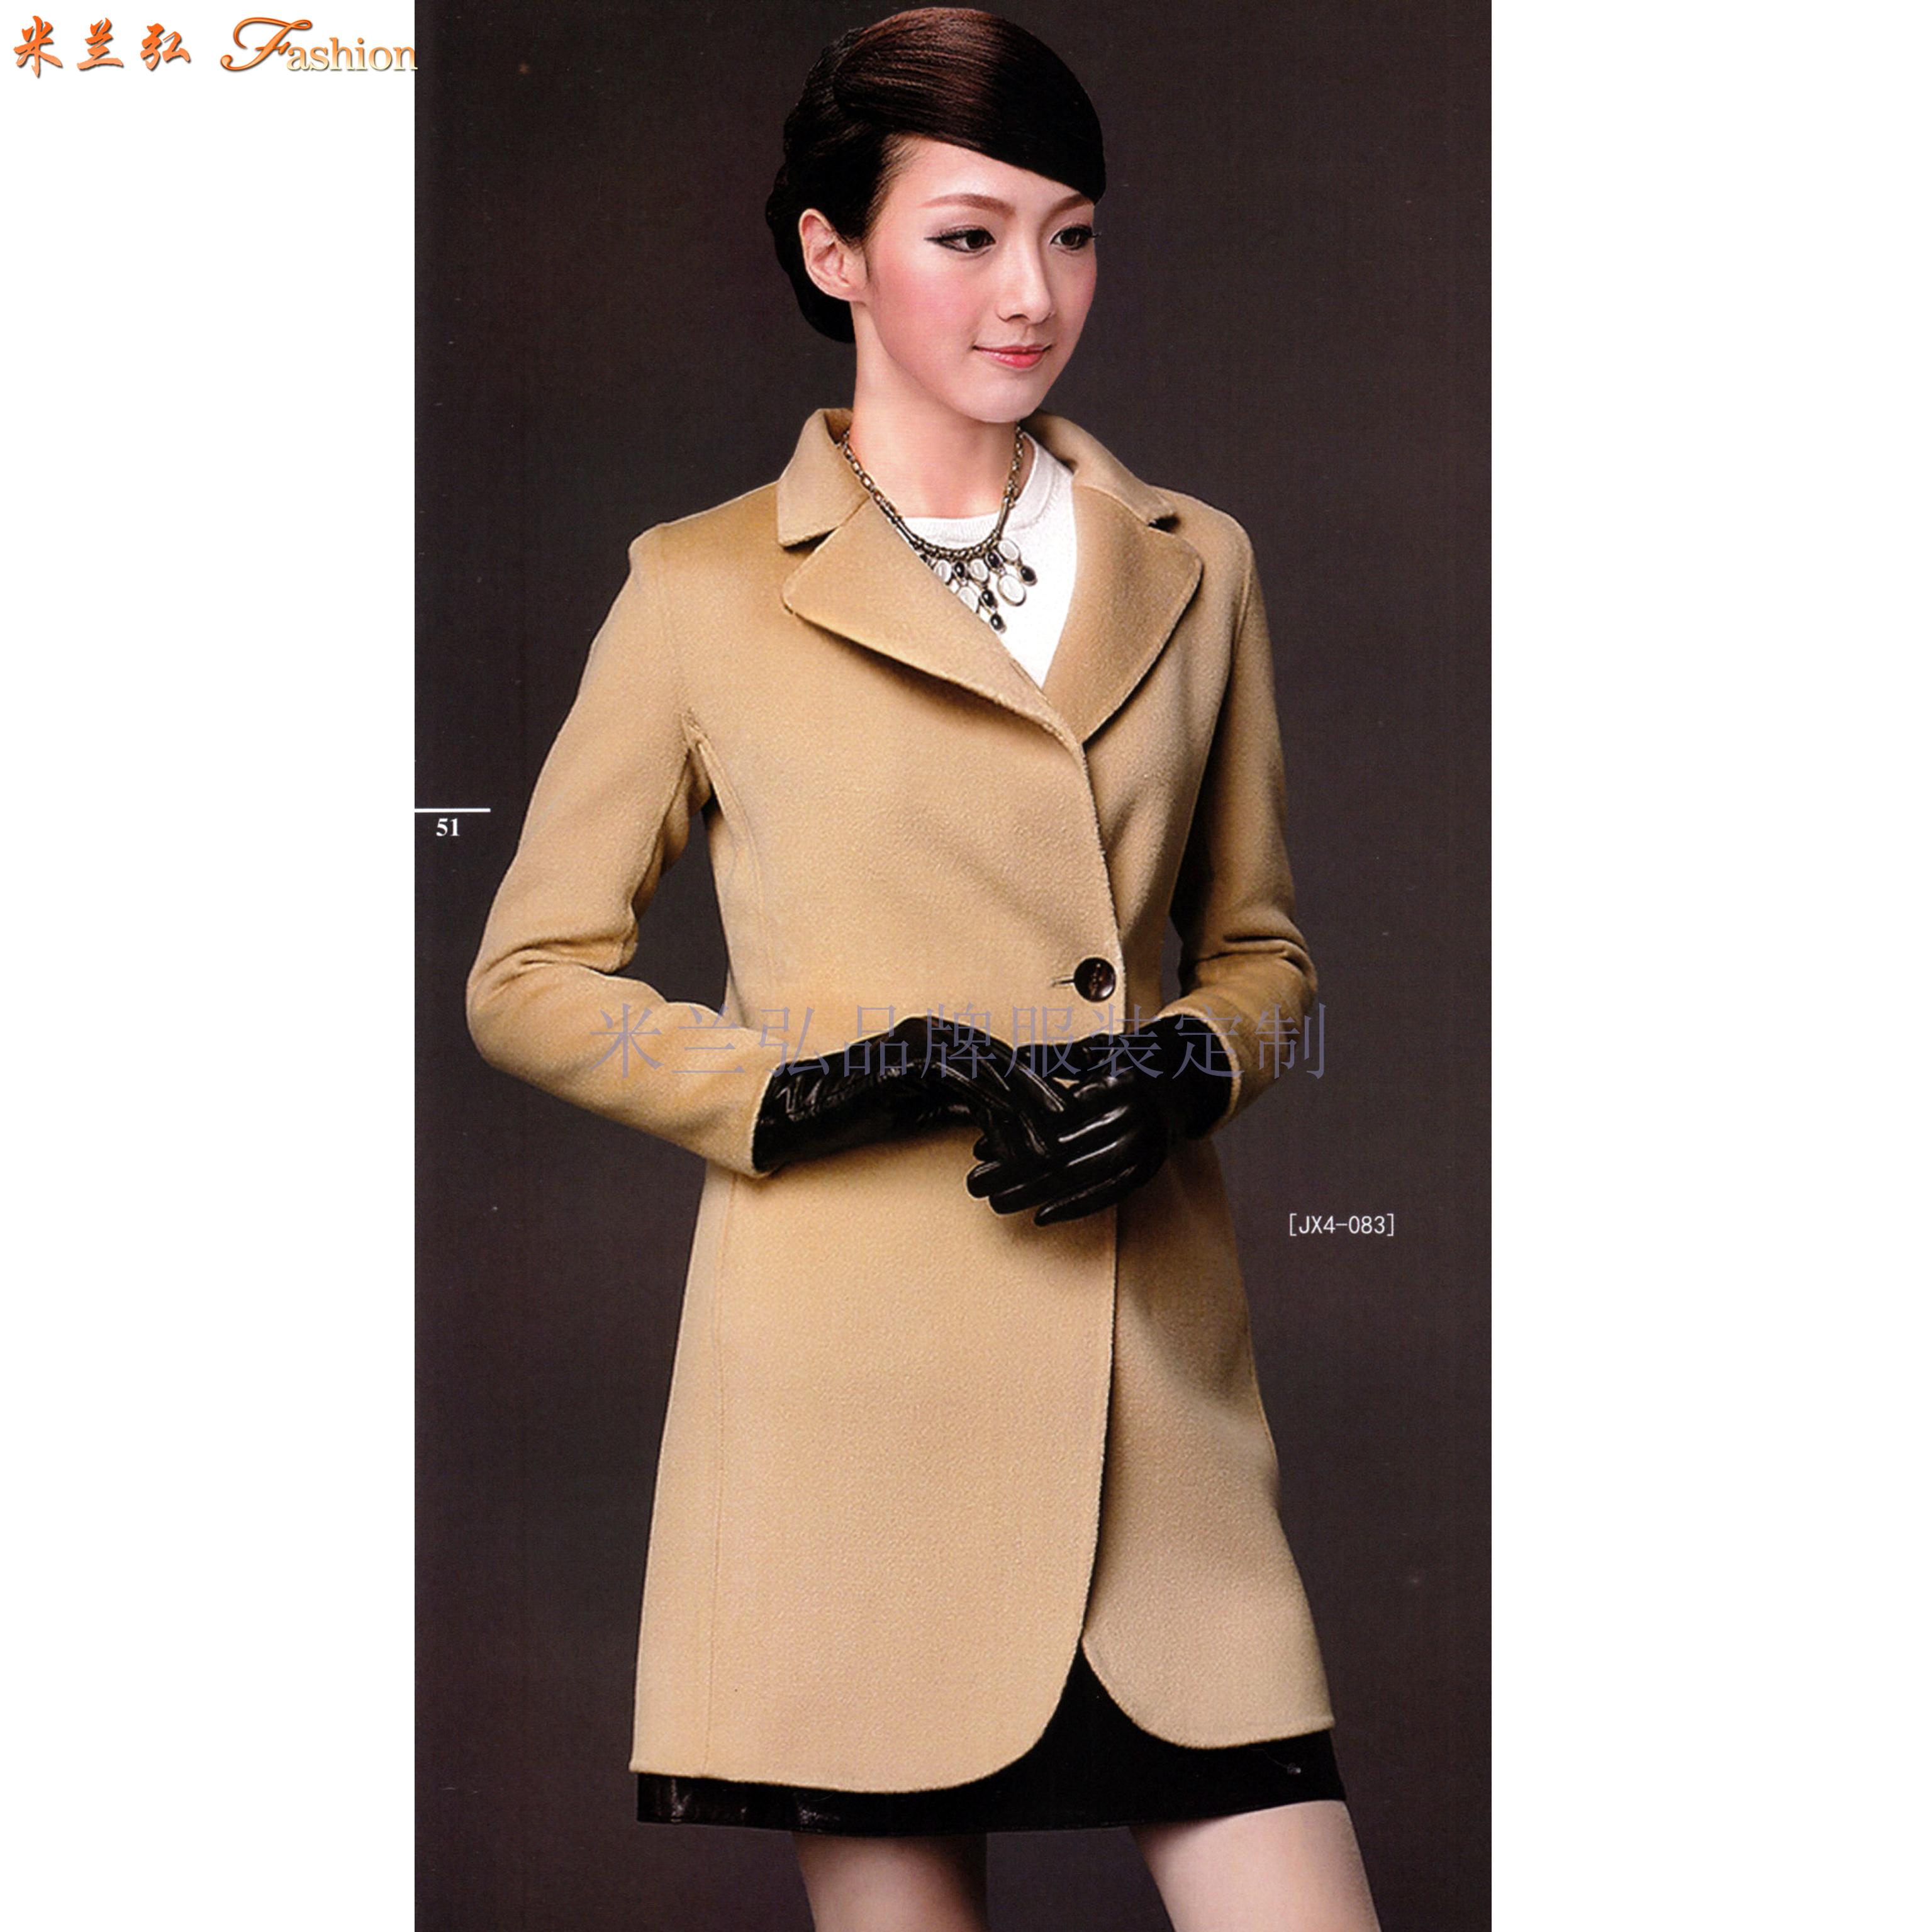 「河北大衣定制」「保定市大衣订做」推荐厚实暖和米兰弘服装-3